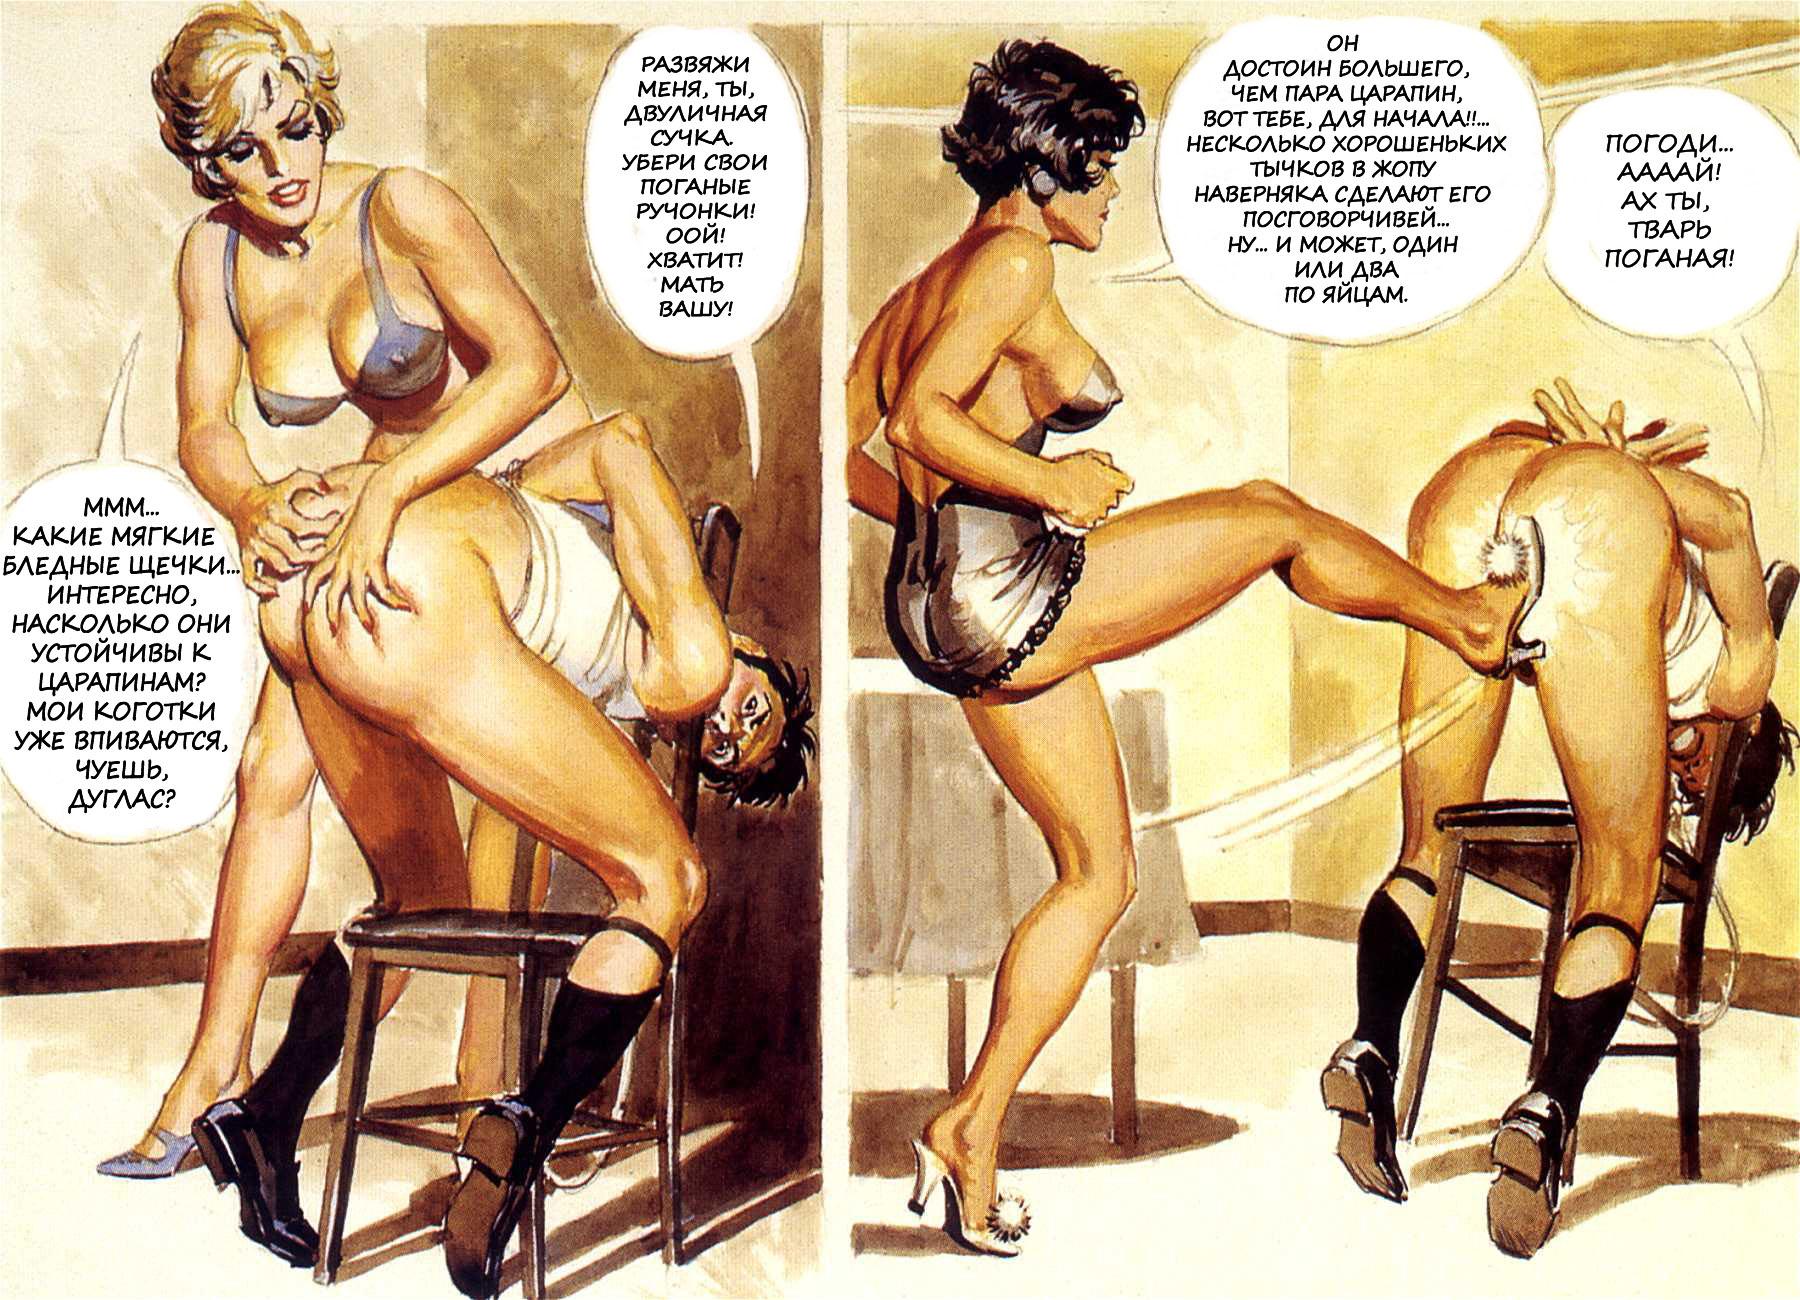 Ххх бони и клайд порно пародия 5 фотография